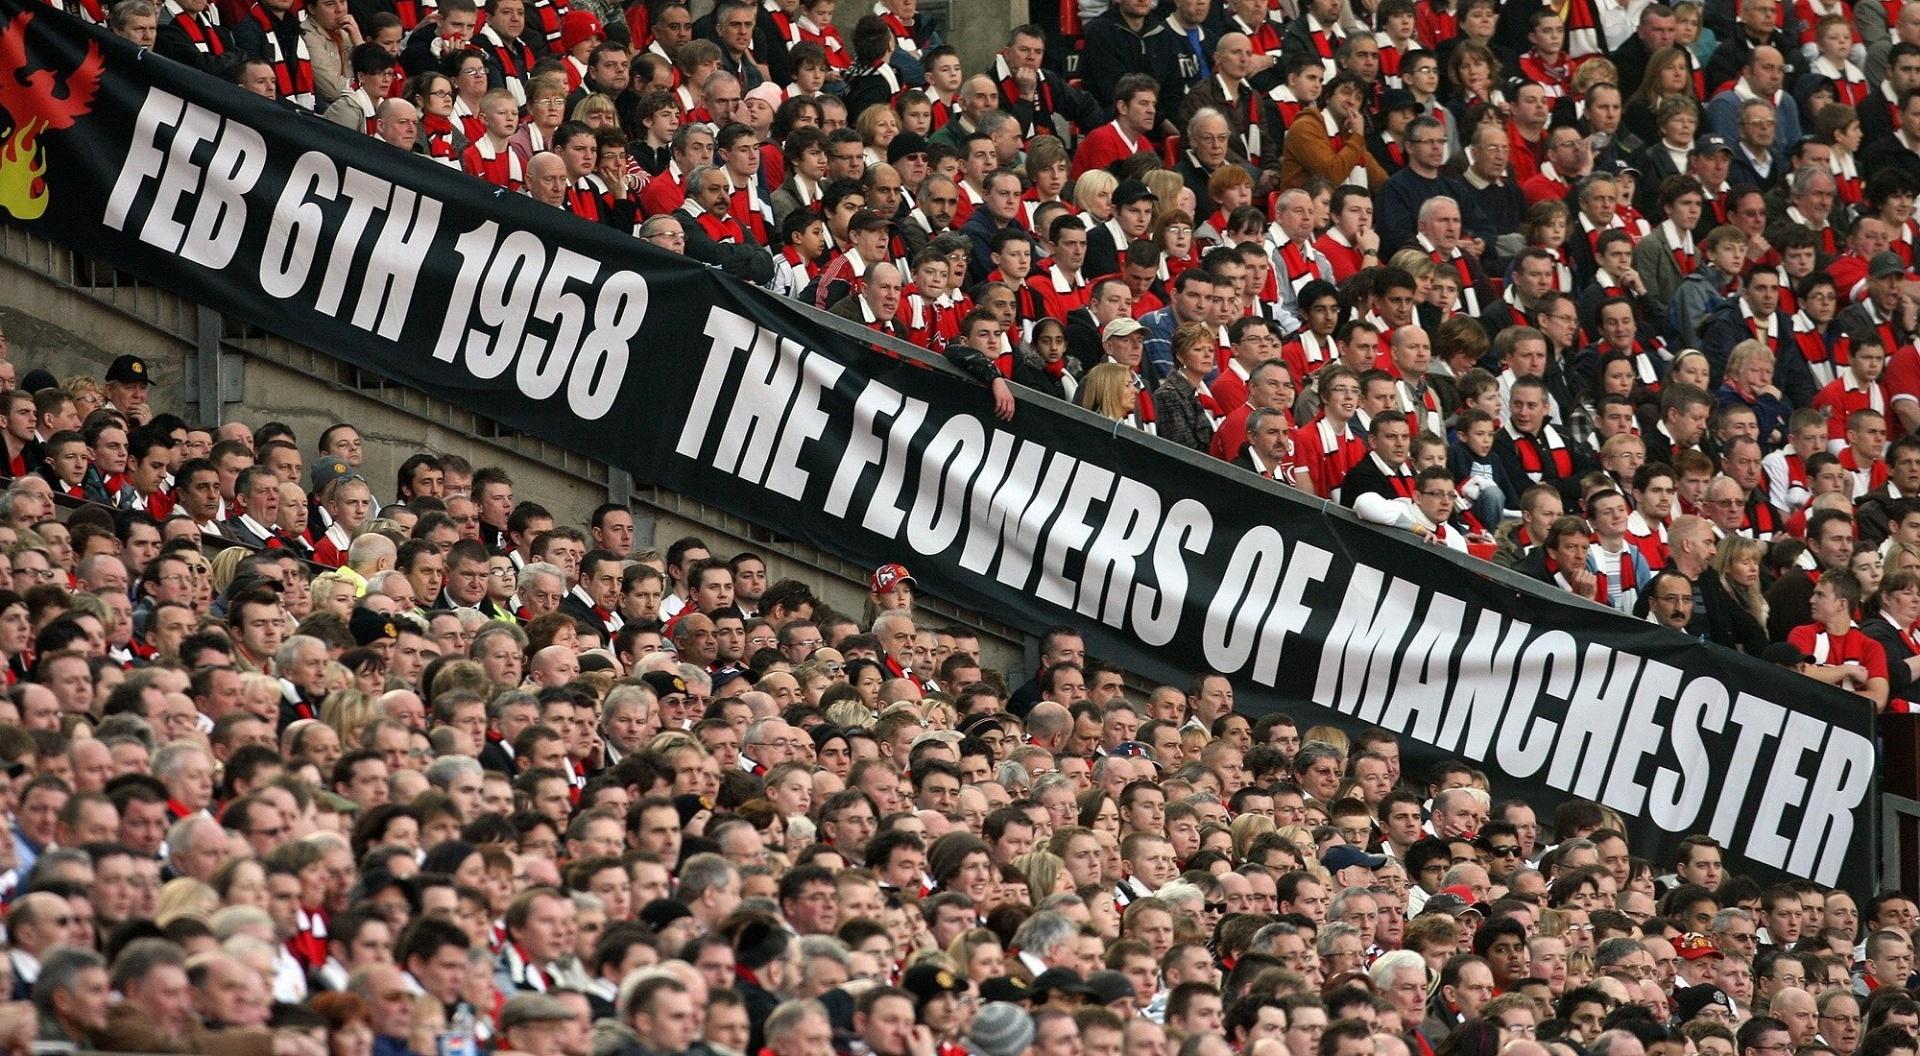 Em 2008, torcedores lembraram dos 50 anos do acidente aéreo com o Manchester United